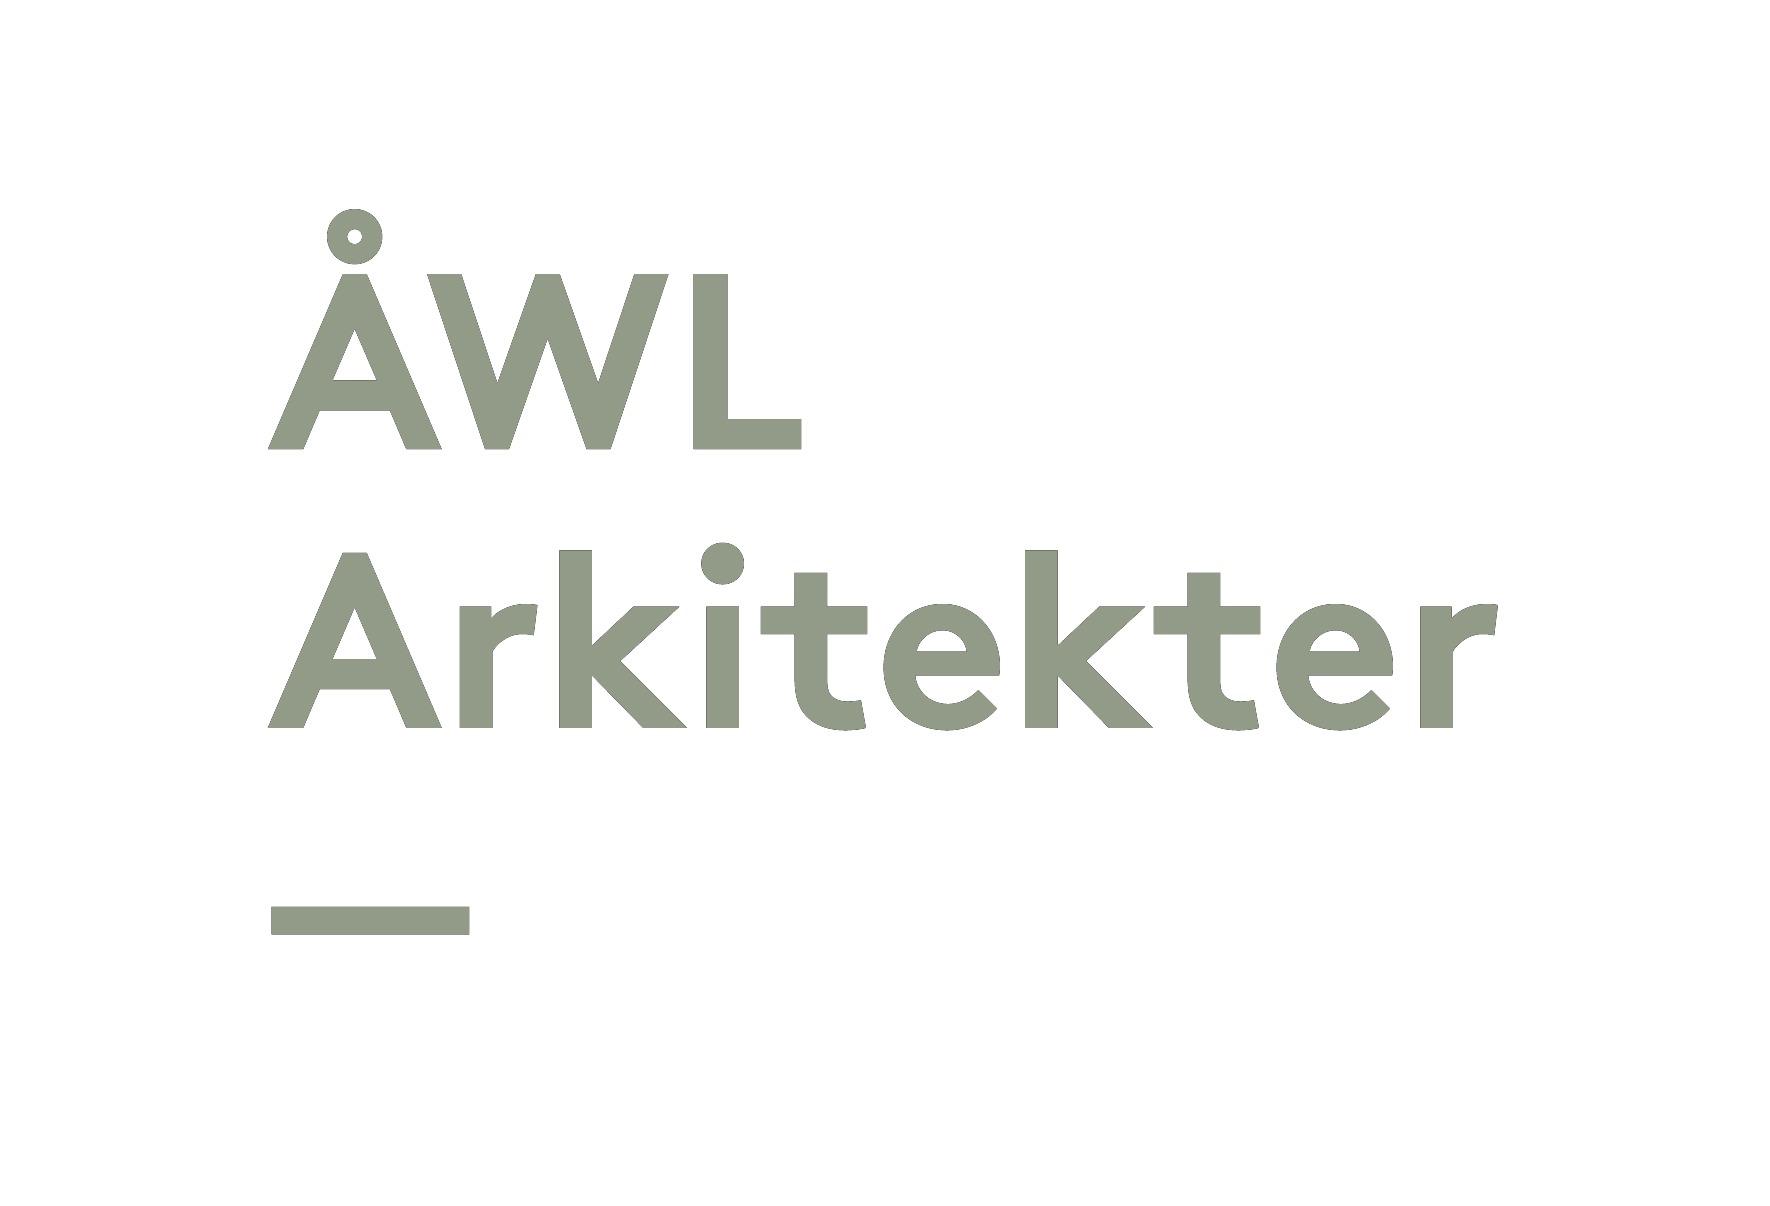 ÅWL_Arkitekter_60pkt